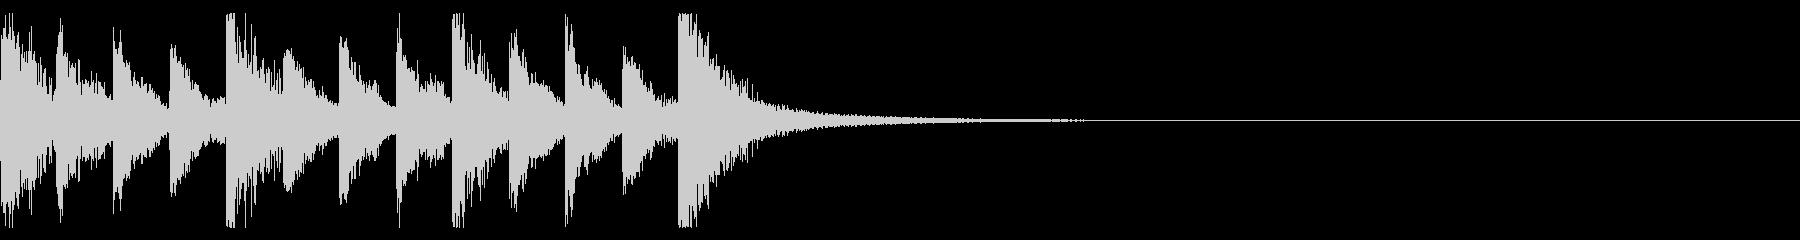 アニメ系ジングル01の未再生の波形